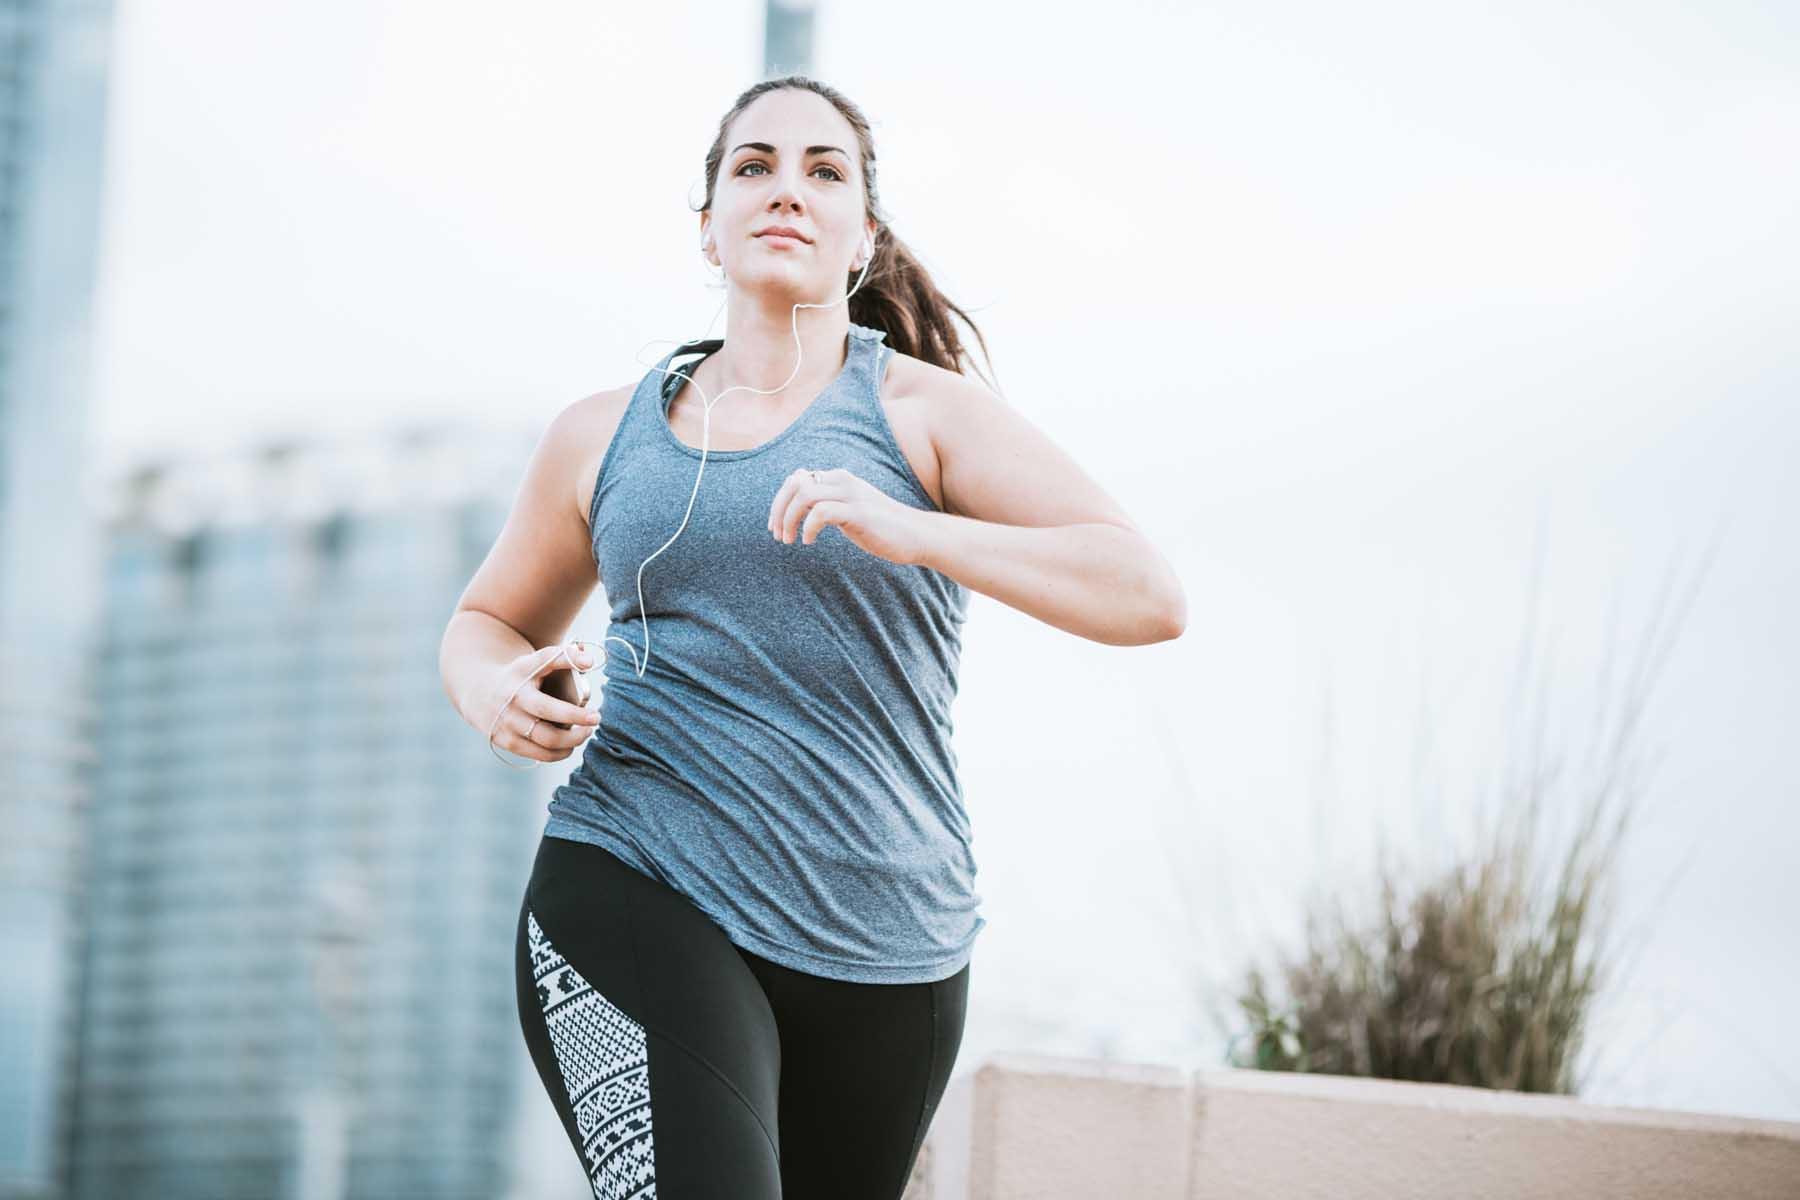 Cómo bajar de peso: 5 consejos que te ayudarán 1